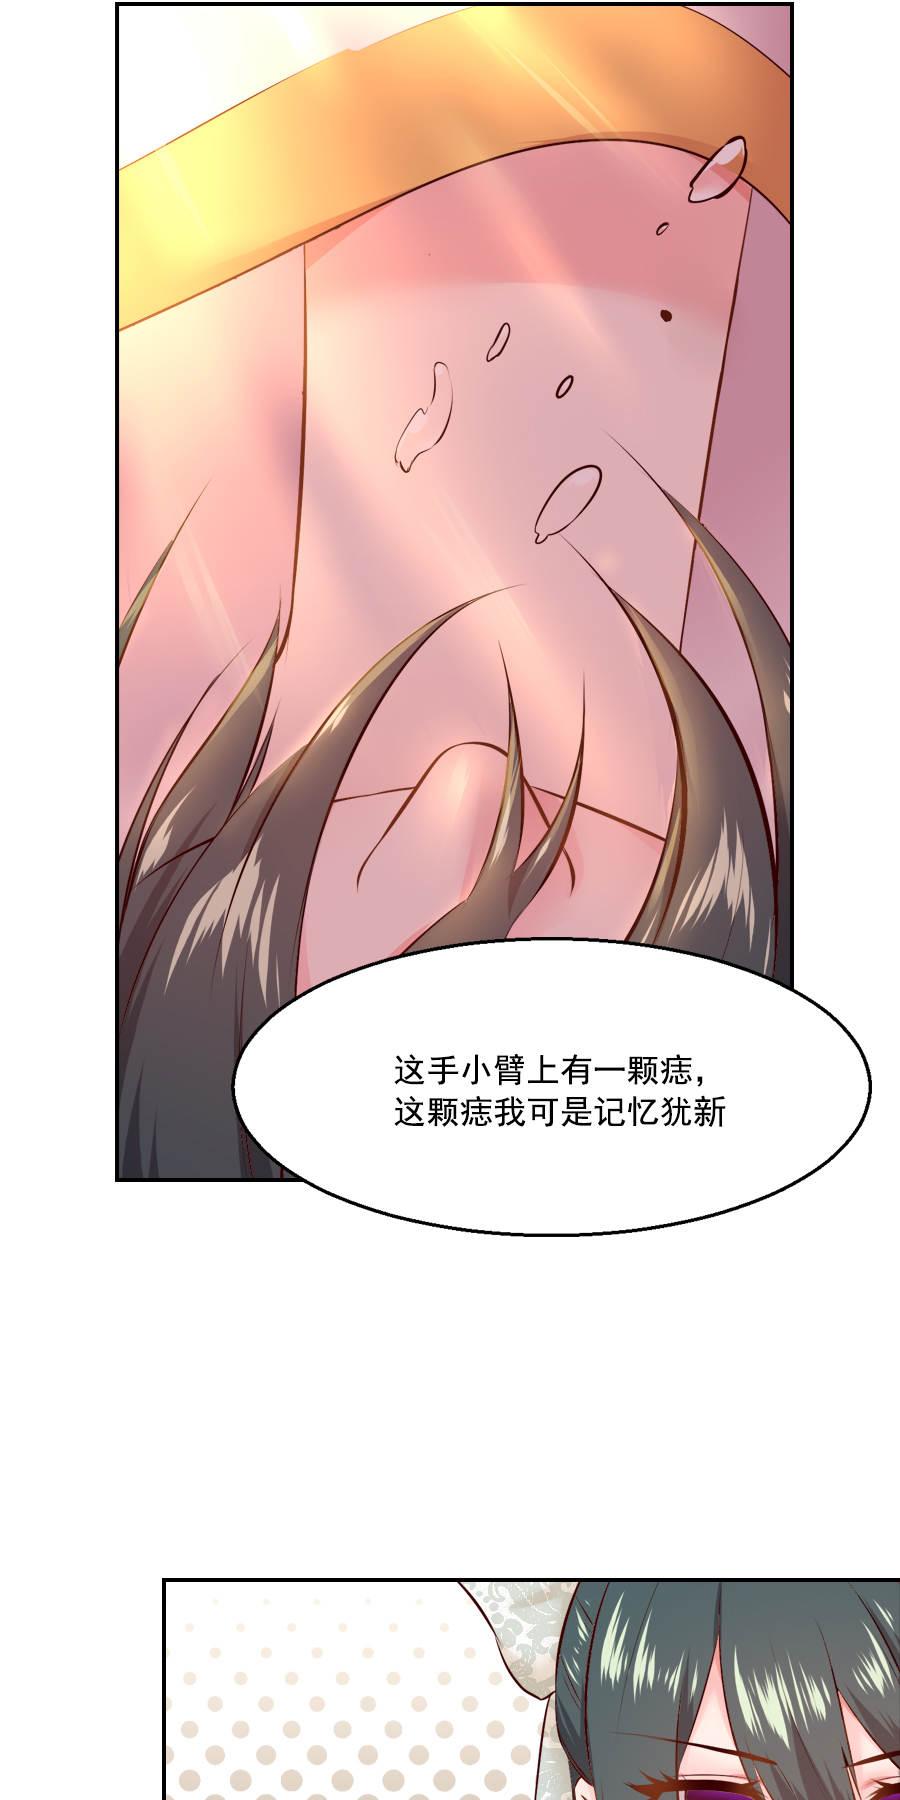 盛世帝王妃第43话  十九? 第 9